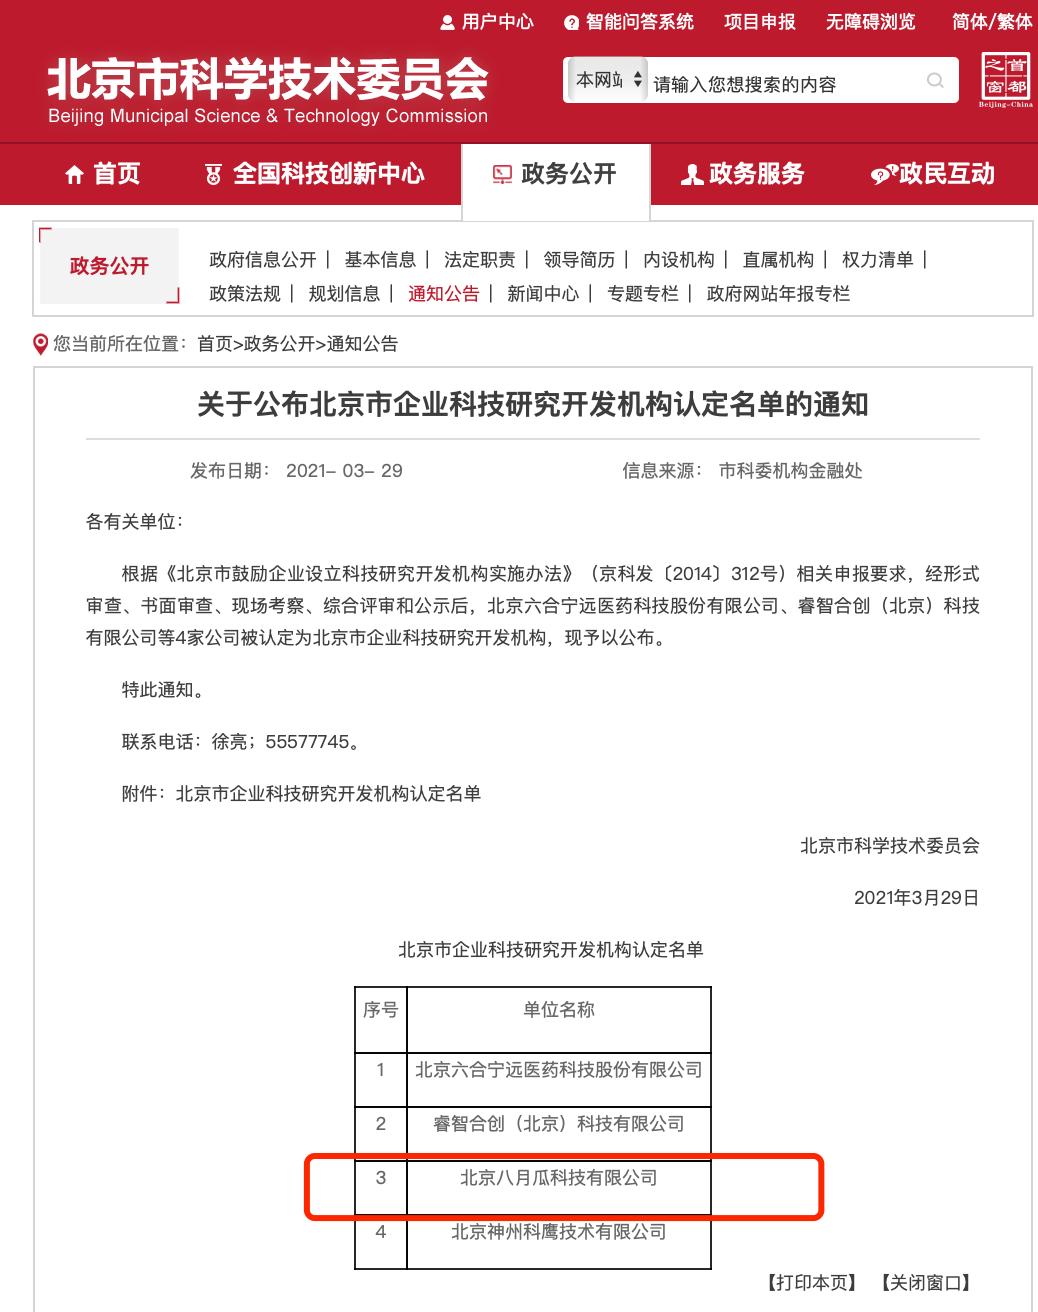 """八月瓜荣膺""""北京市企业科技研究开发机构"""""""